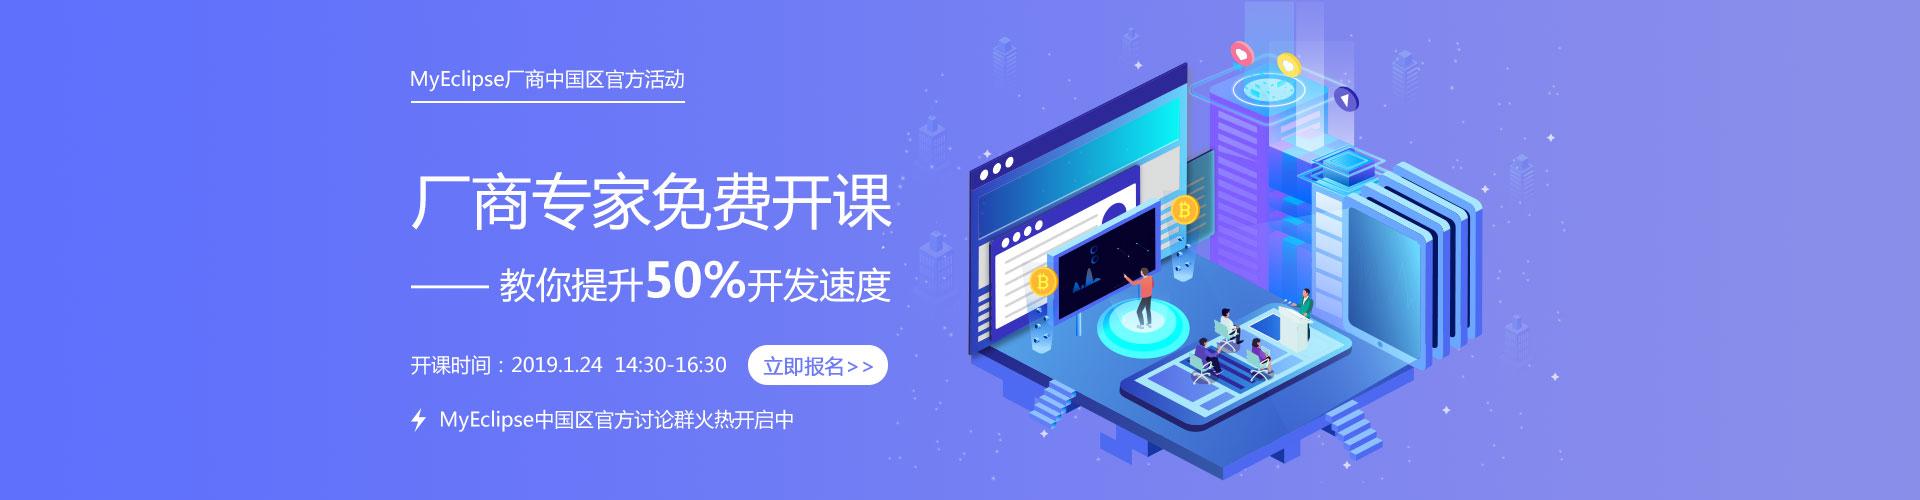 codeMix厂商专家免费开课